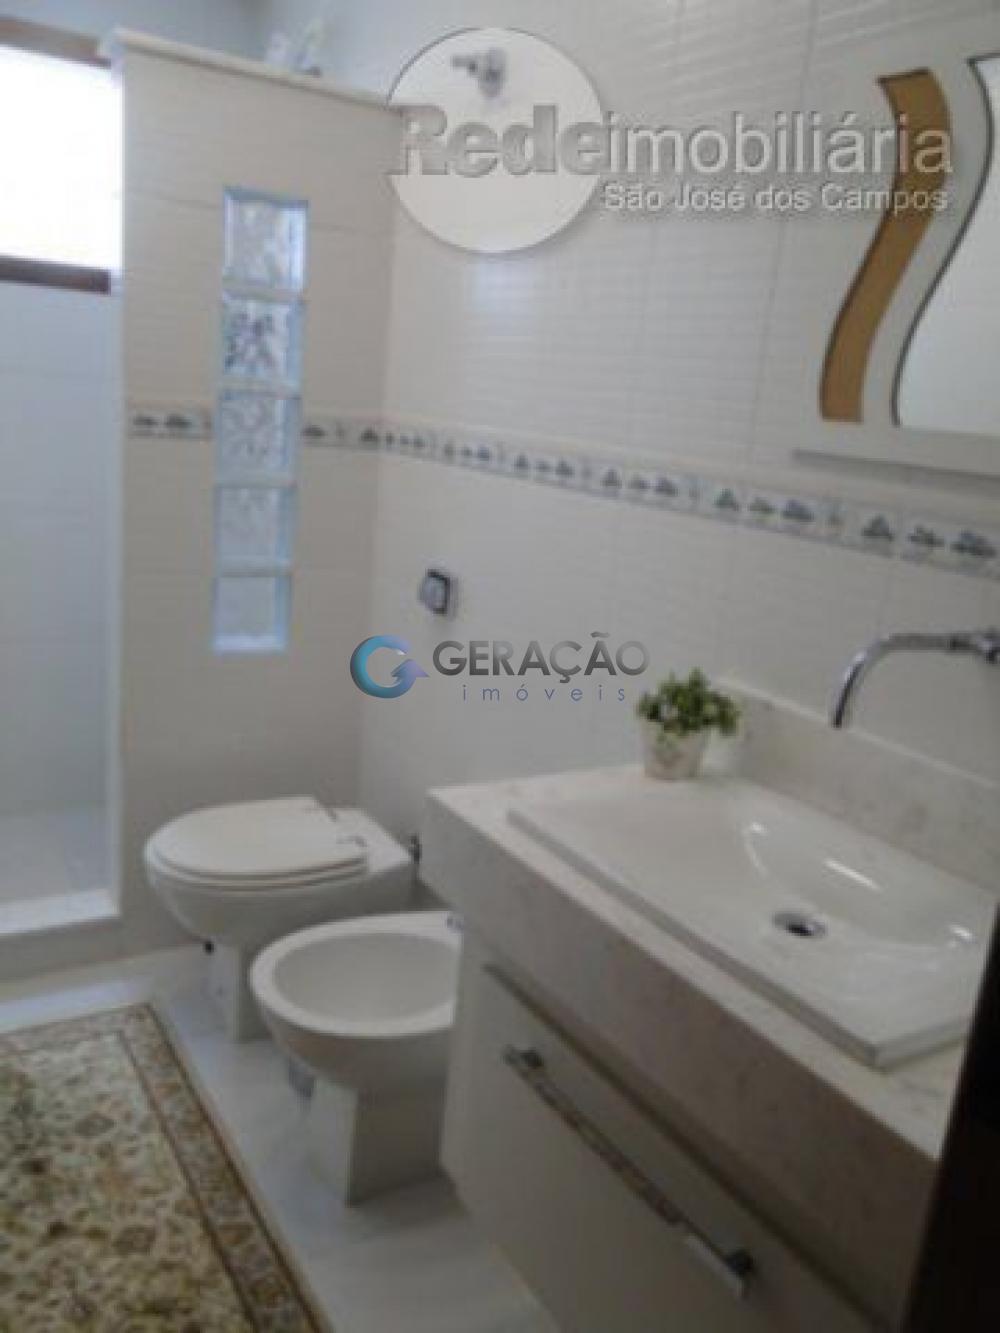 Comprar Casa / Condomínio em São José dos Campos apenas R$ 2.400.000,00 - Foto 5